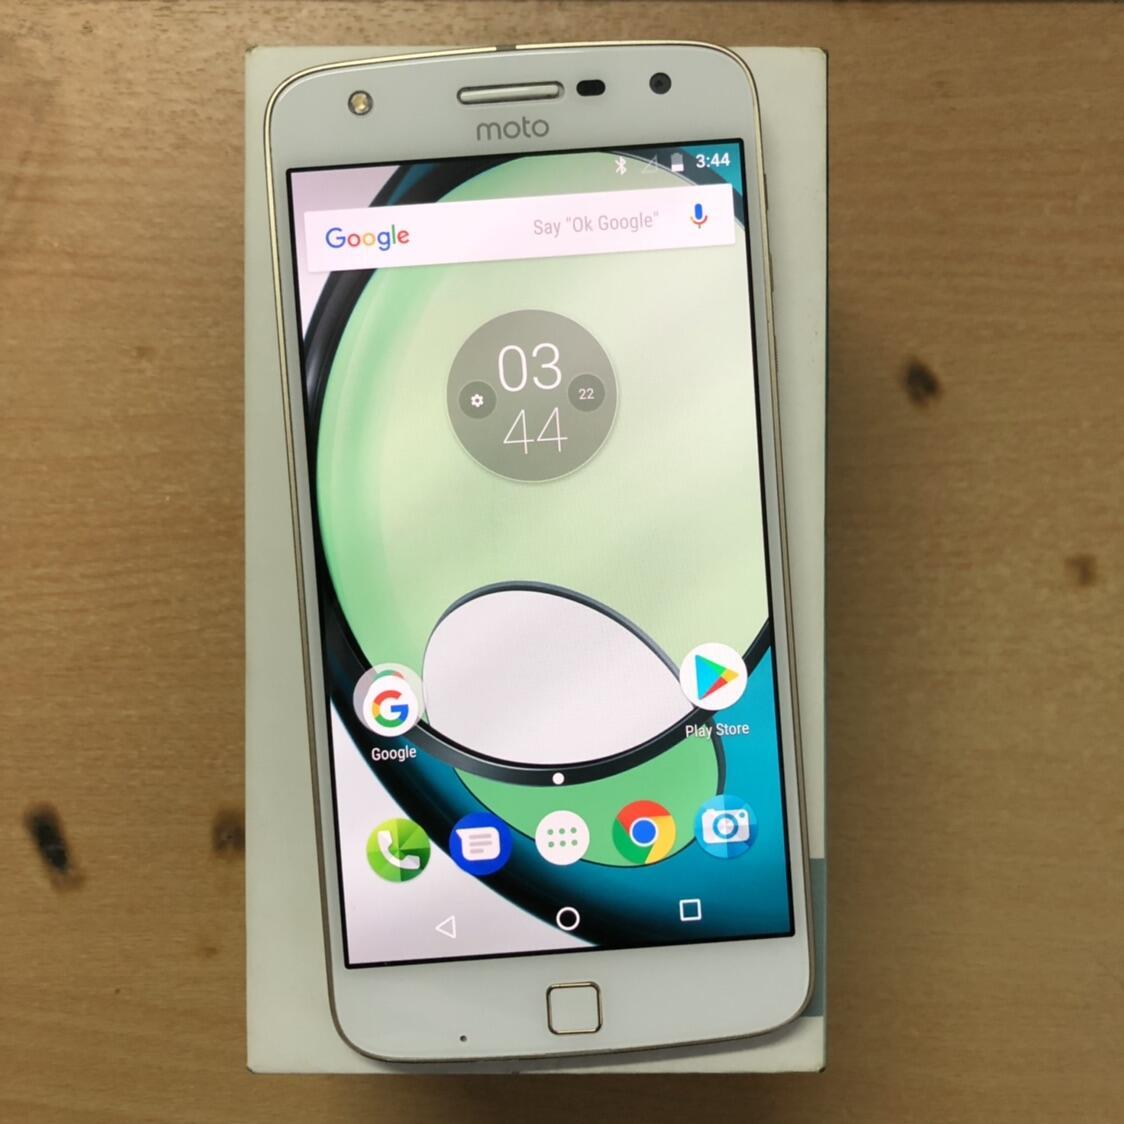 Jual Motorola Moto Z Play Dual White Good Condition Garansi Resmi Fullset Original Kaskus